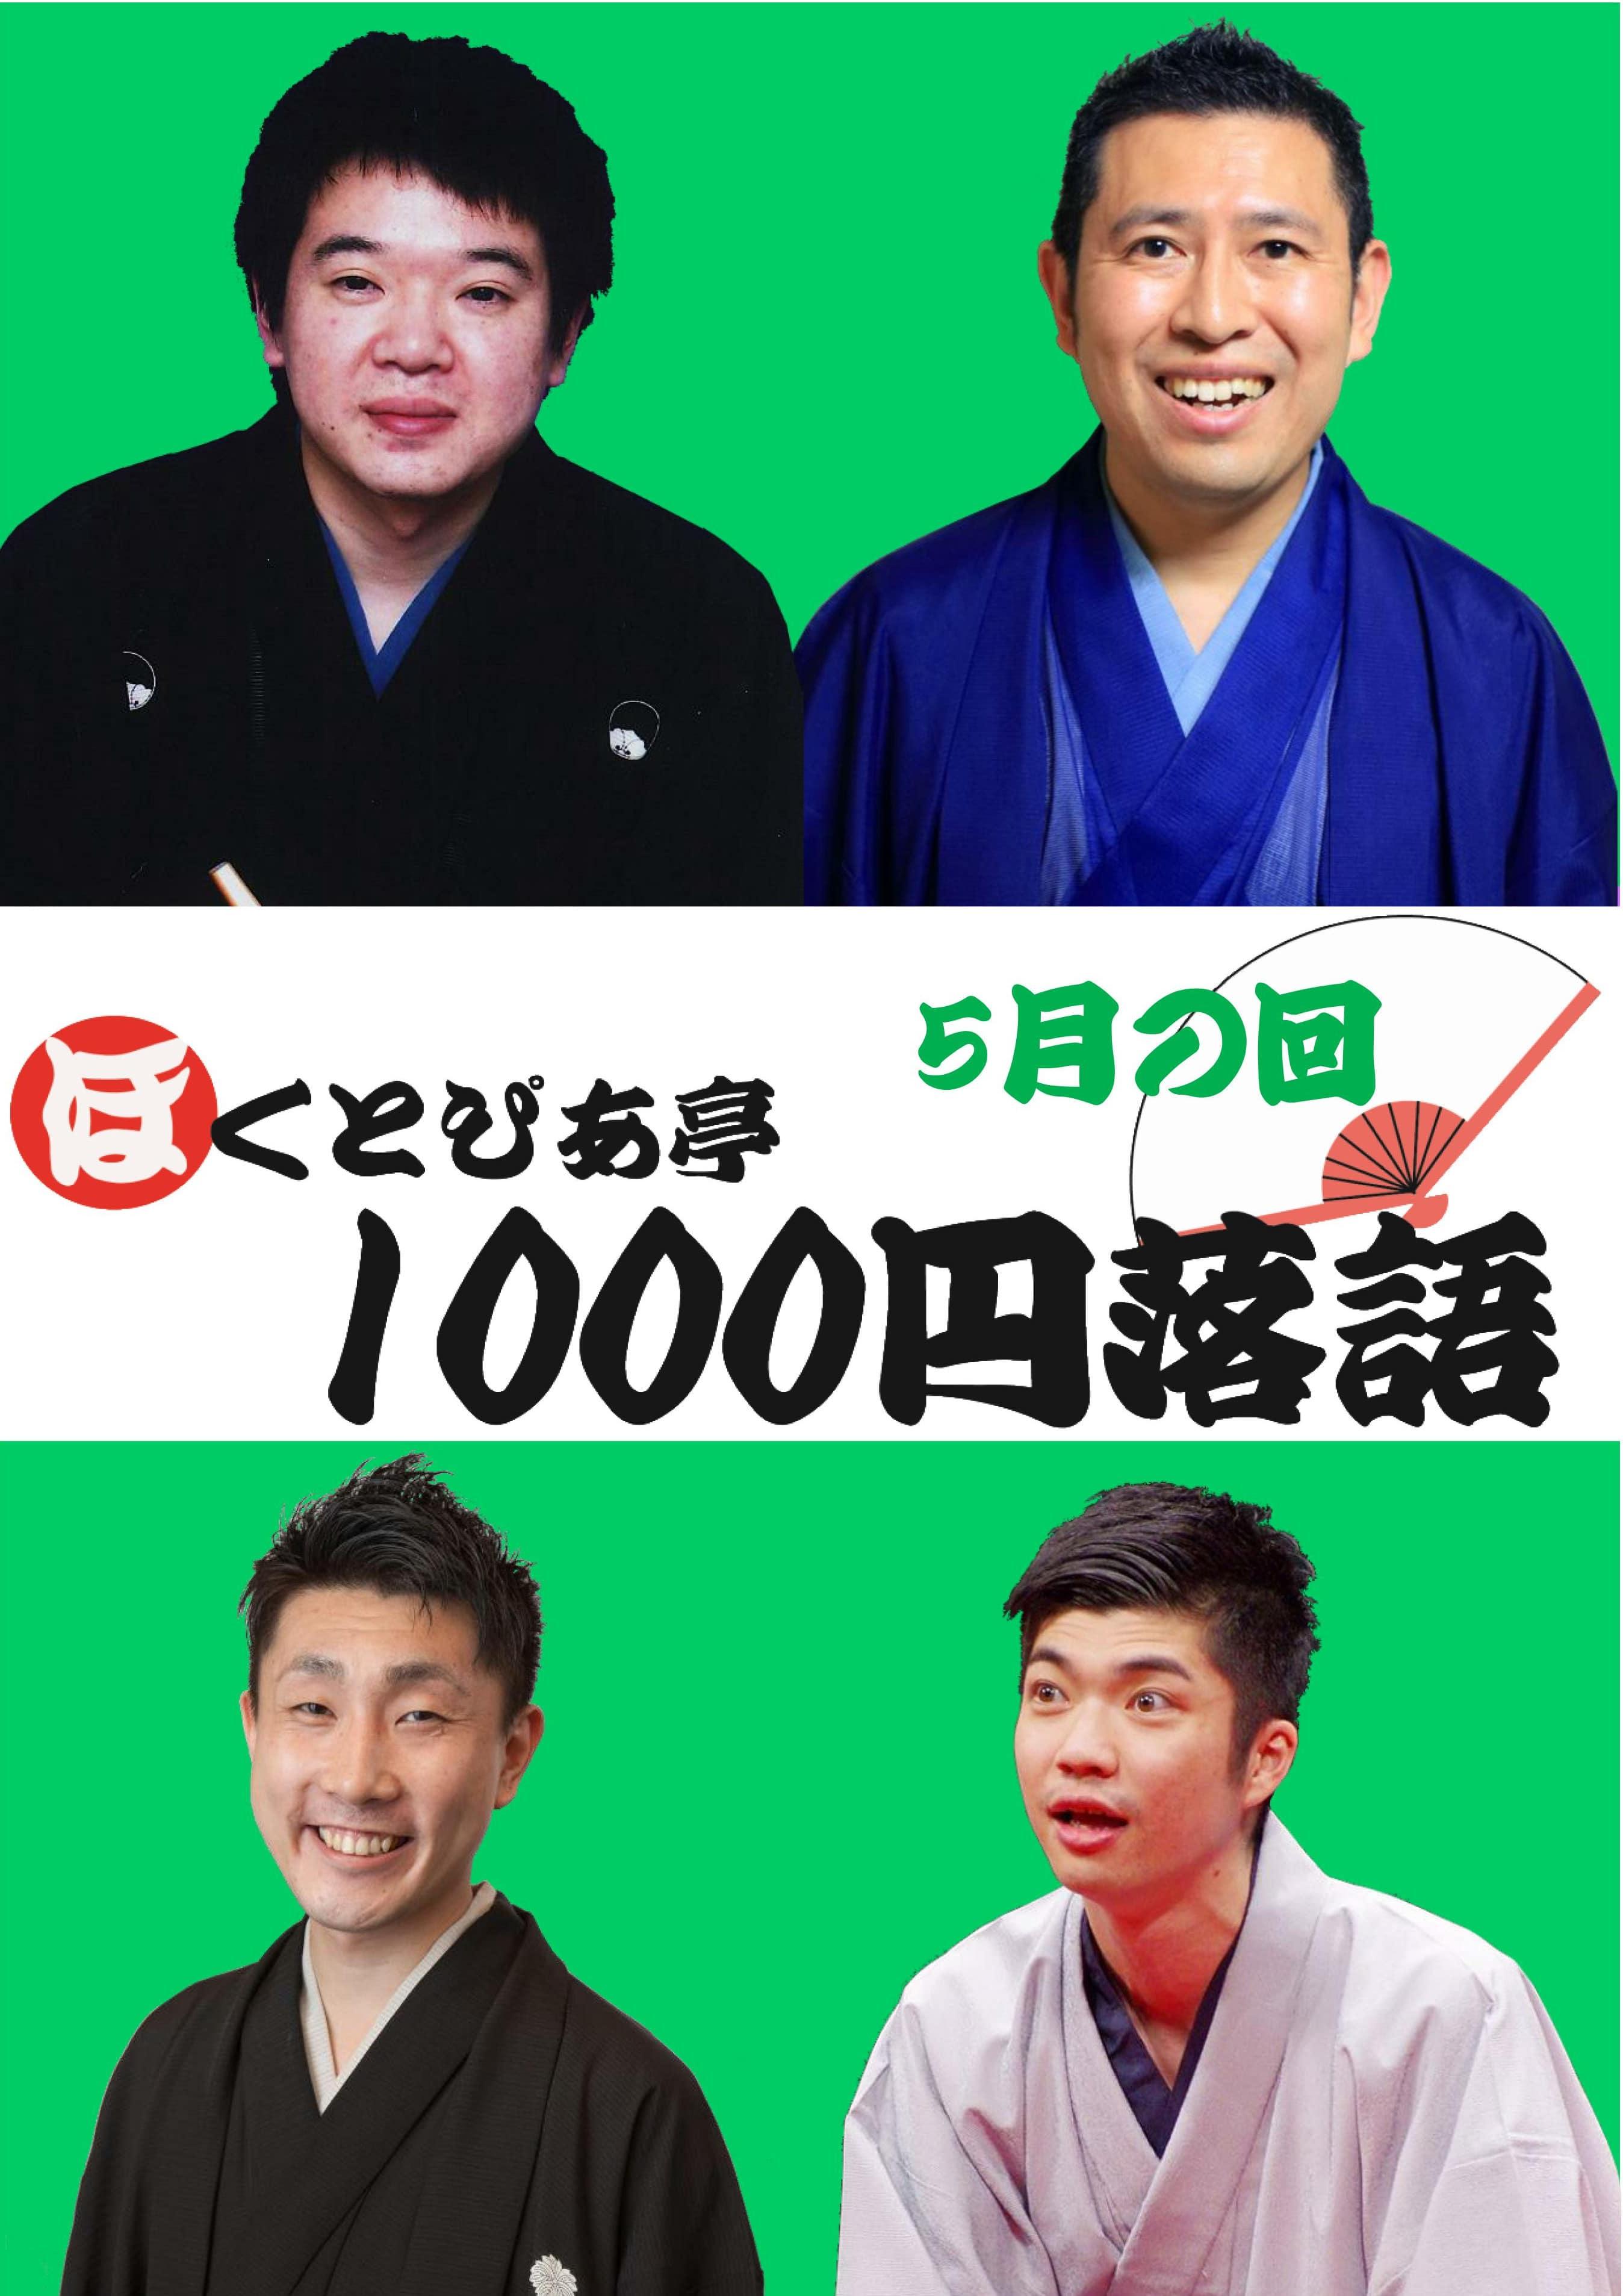 ほくとぴあ亭1000円落語 5月の回の画像